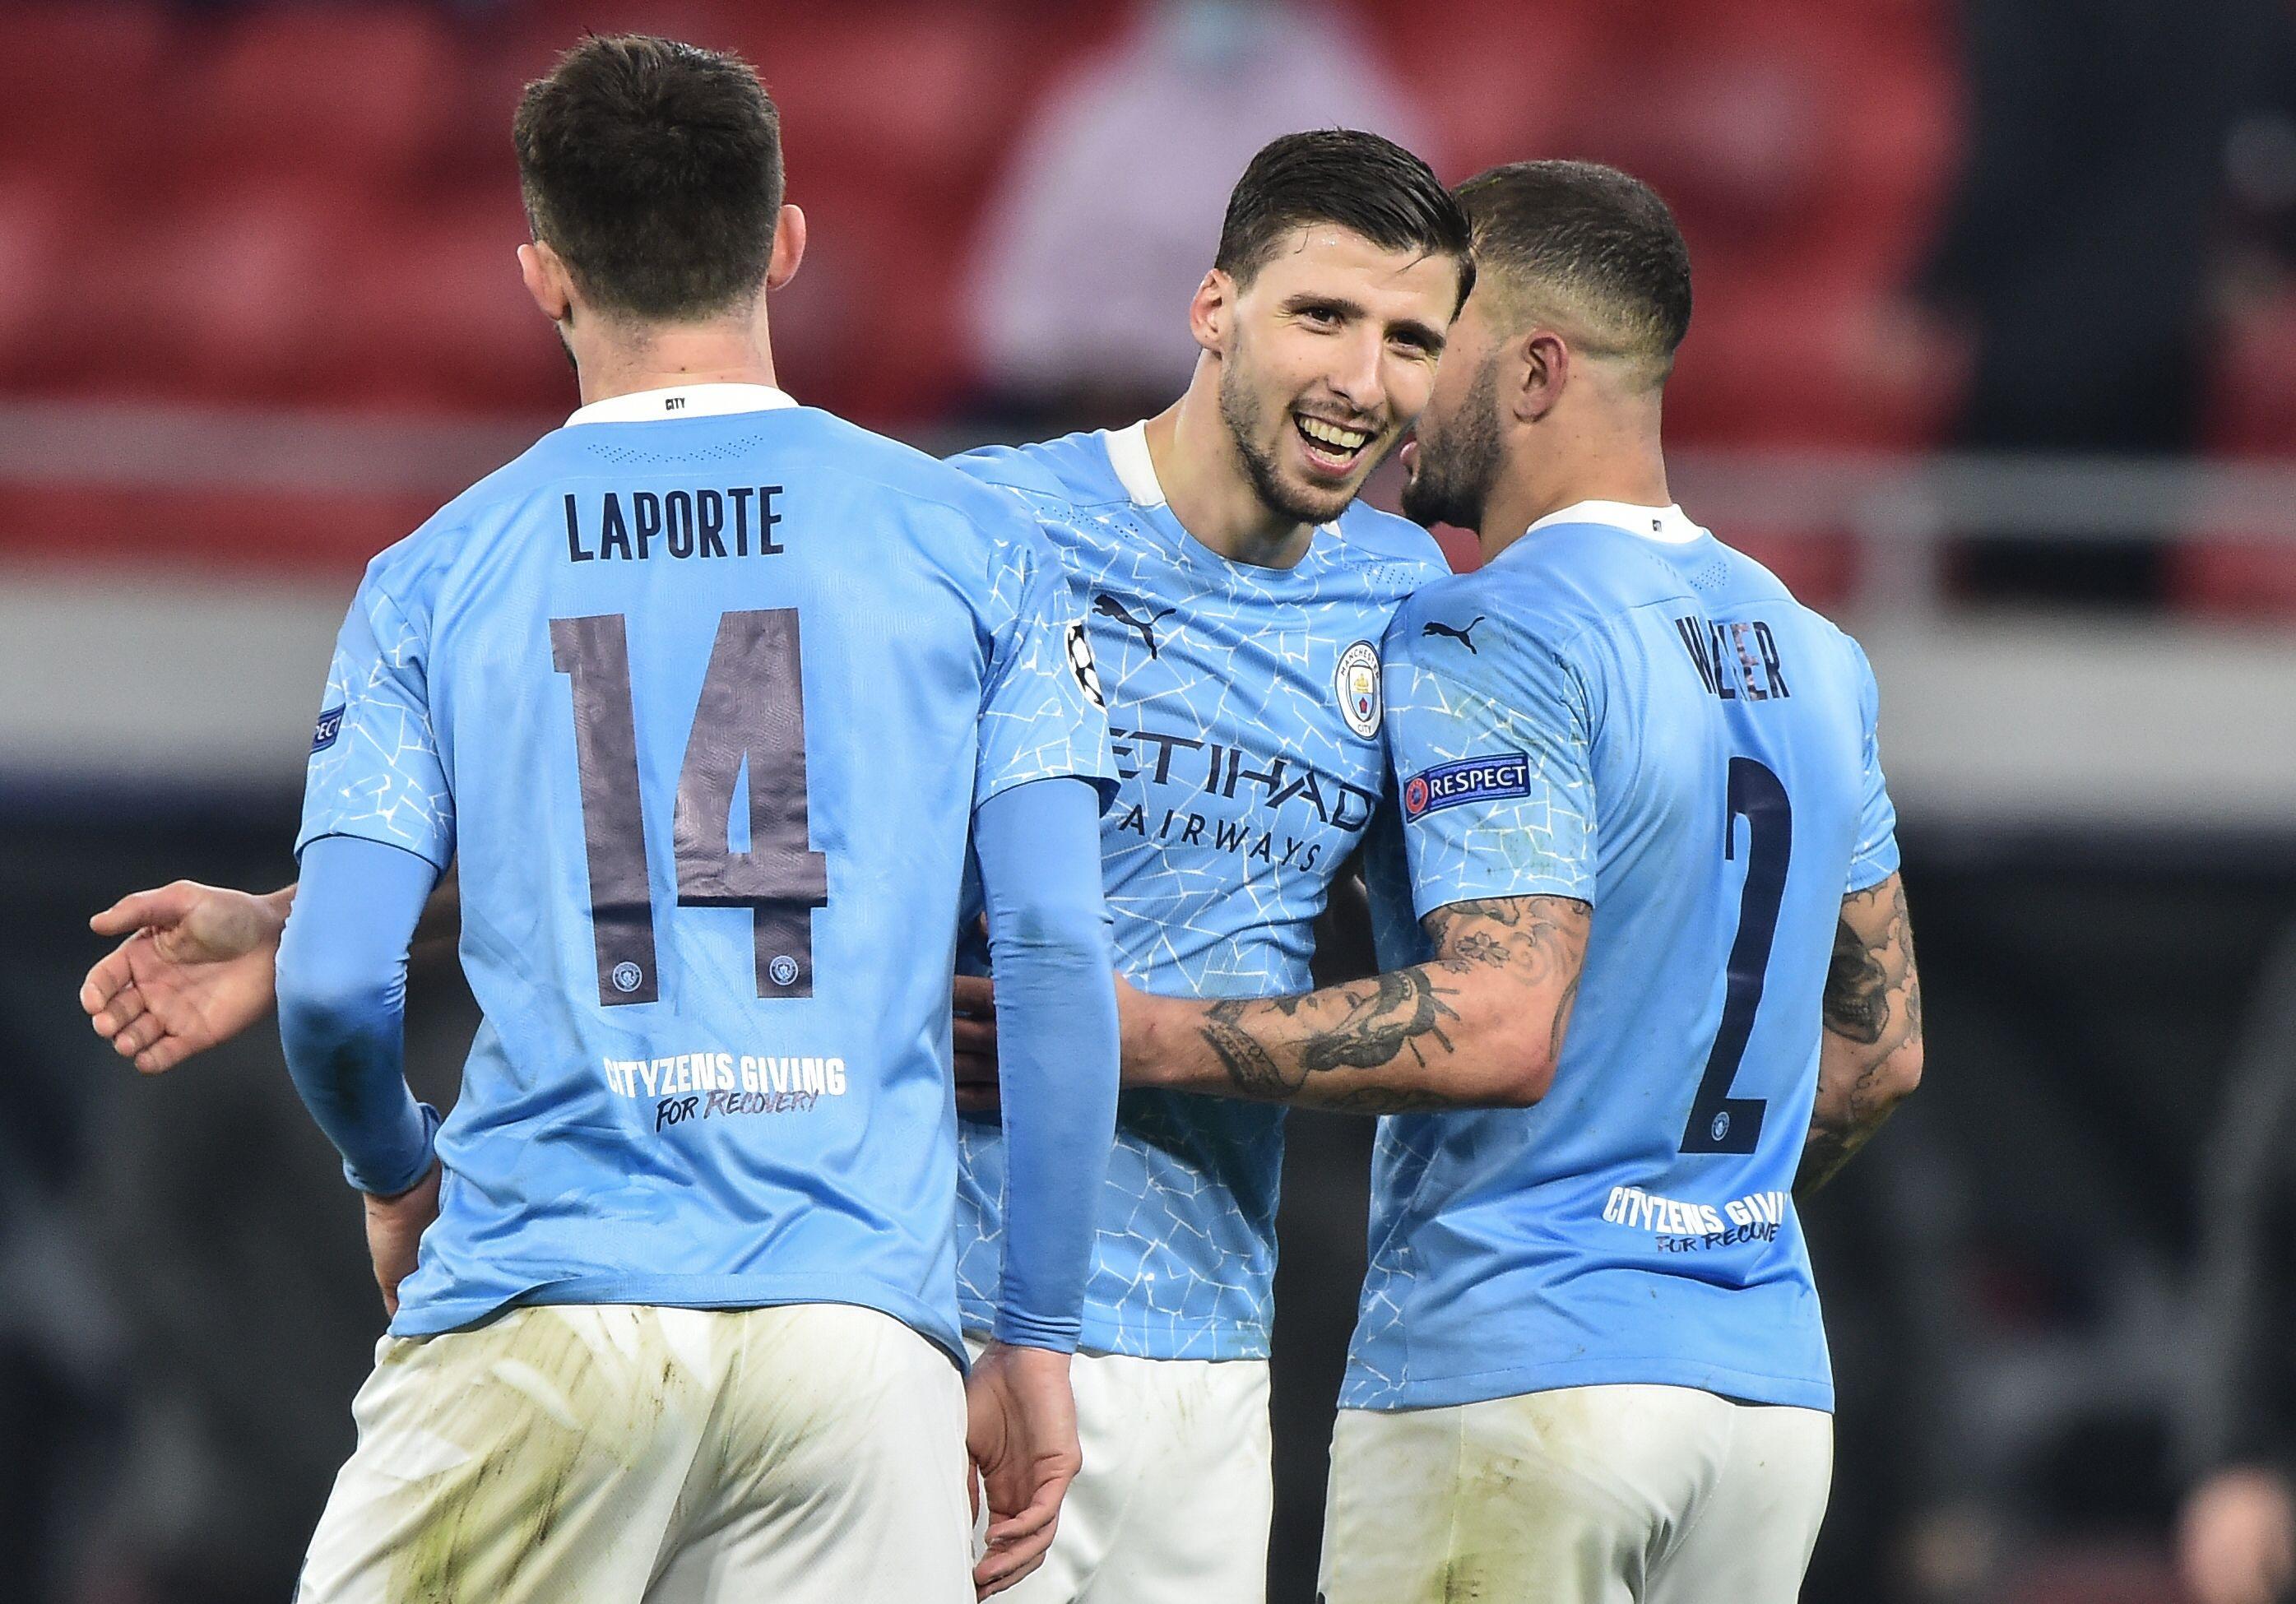 Aymeric Laporte, Ruben Dias and Kyle Walker - Manchester City - Premier League